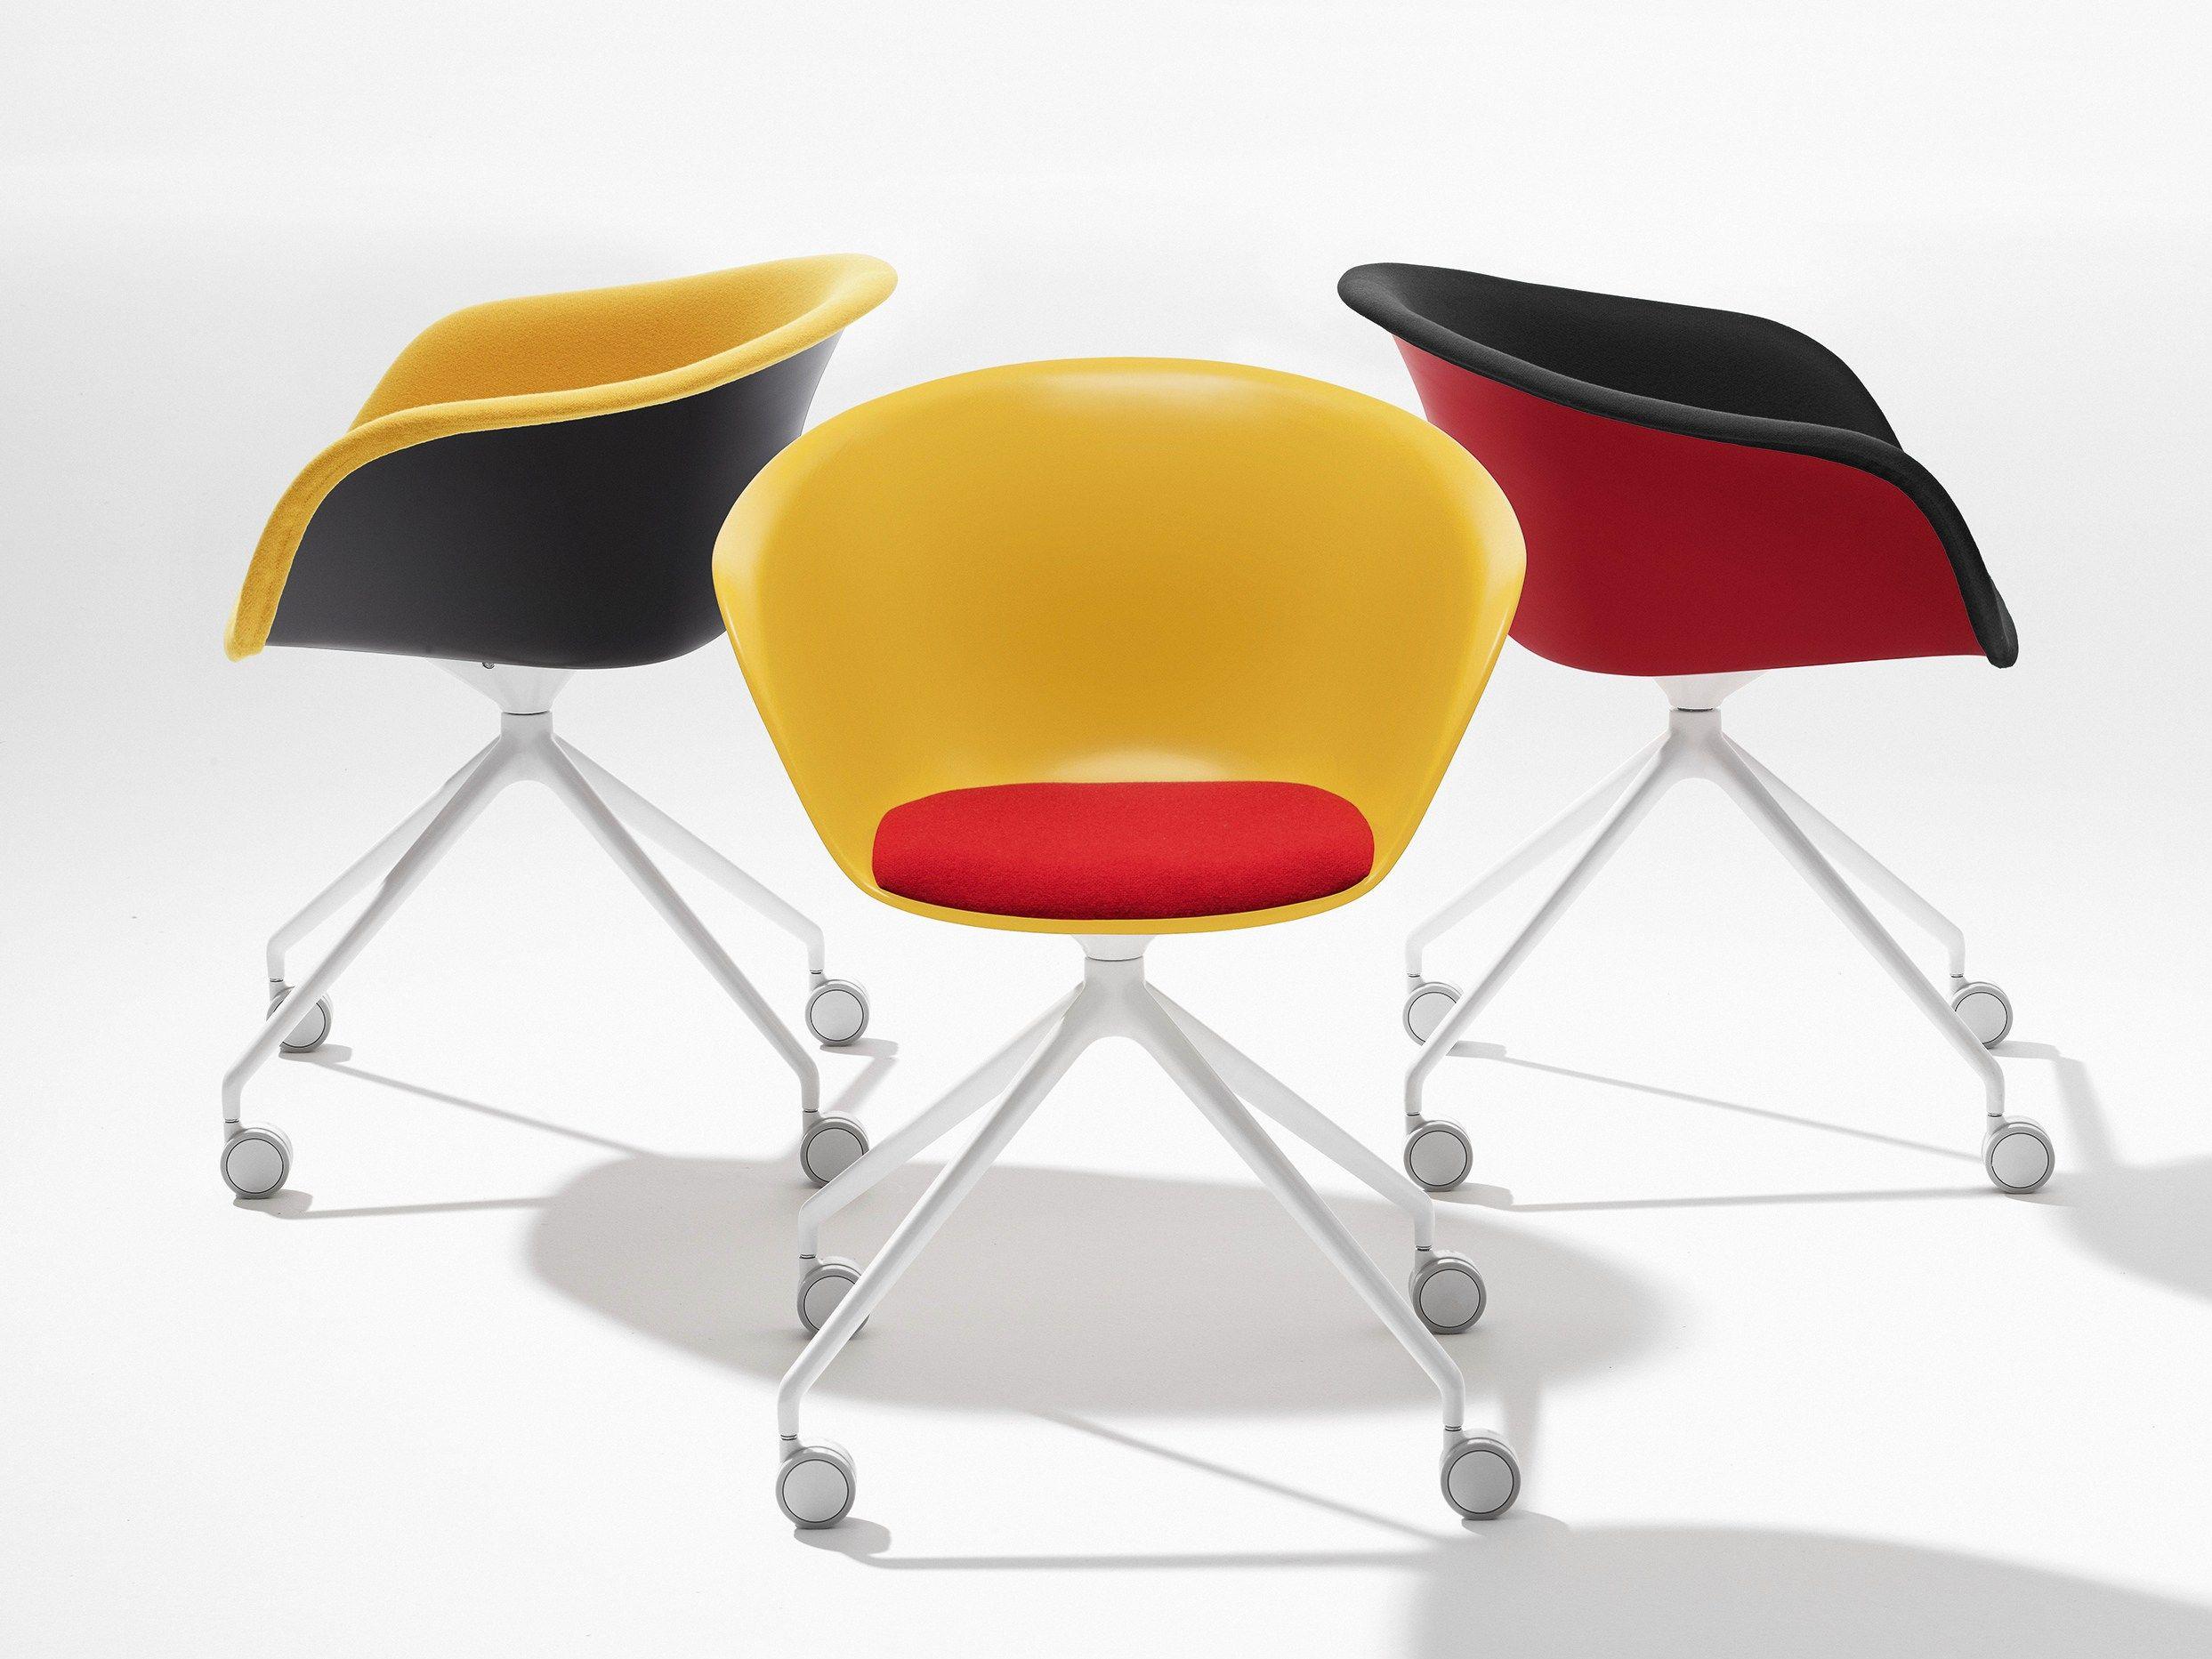 Furniture by arper